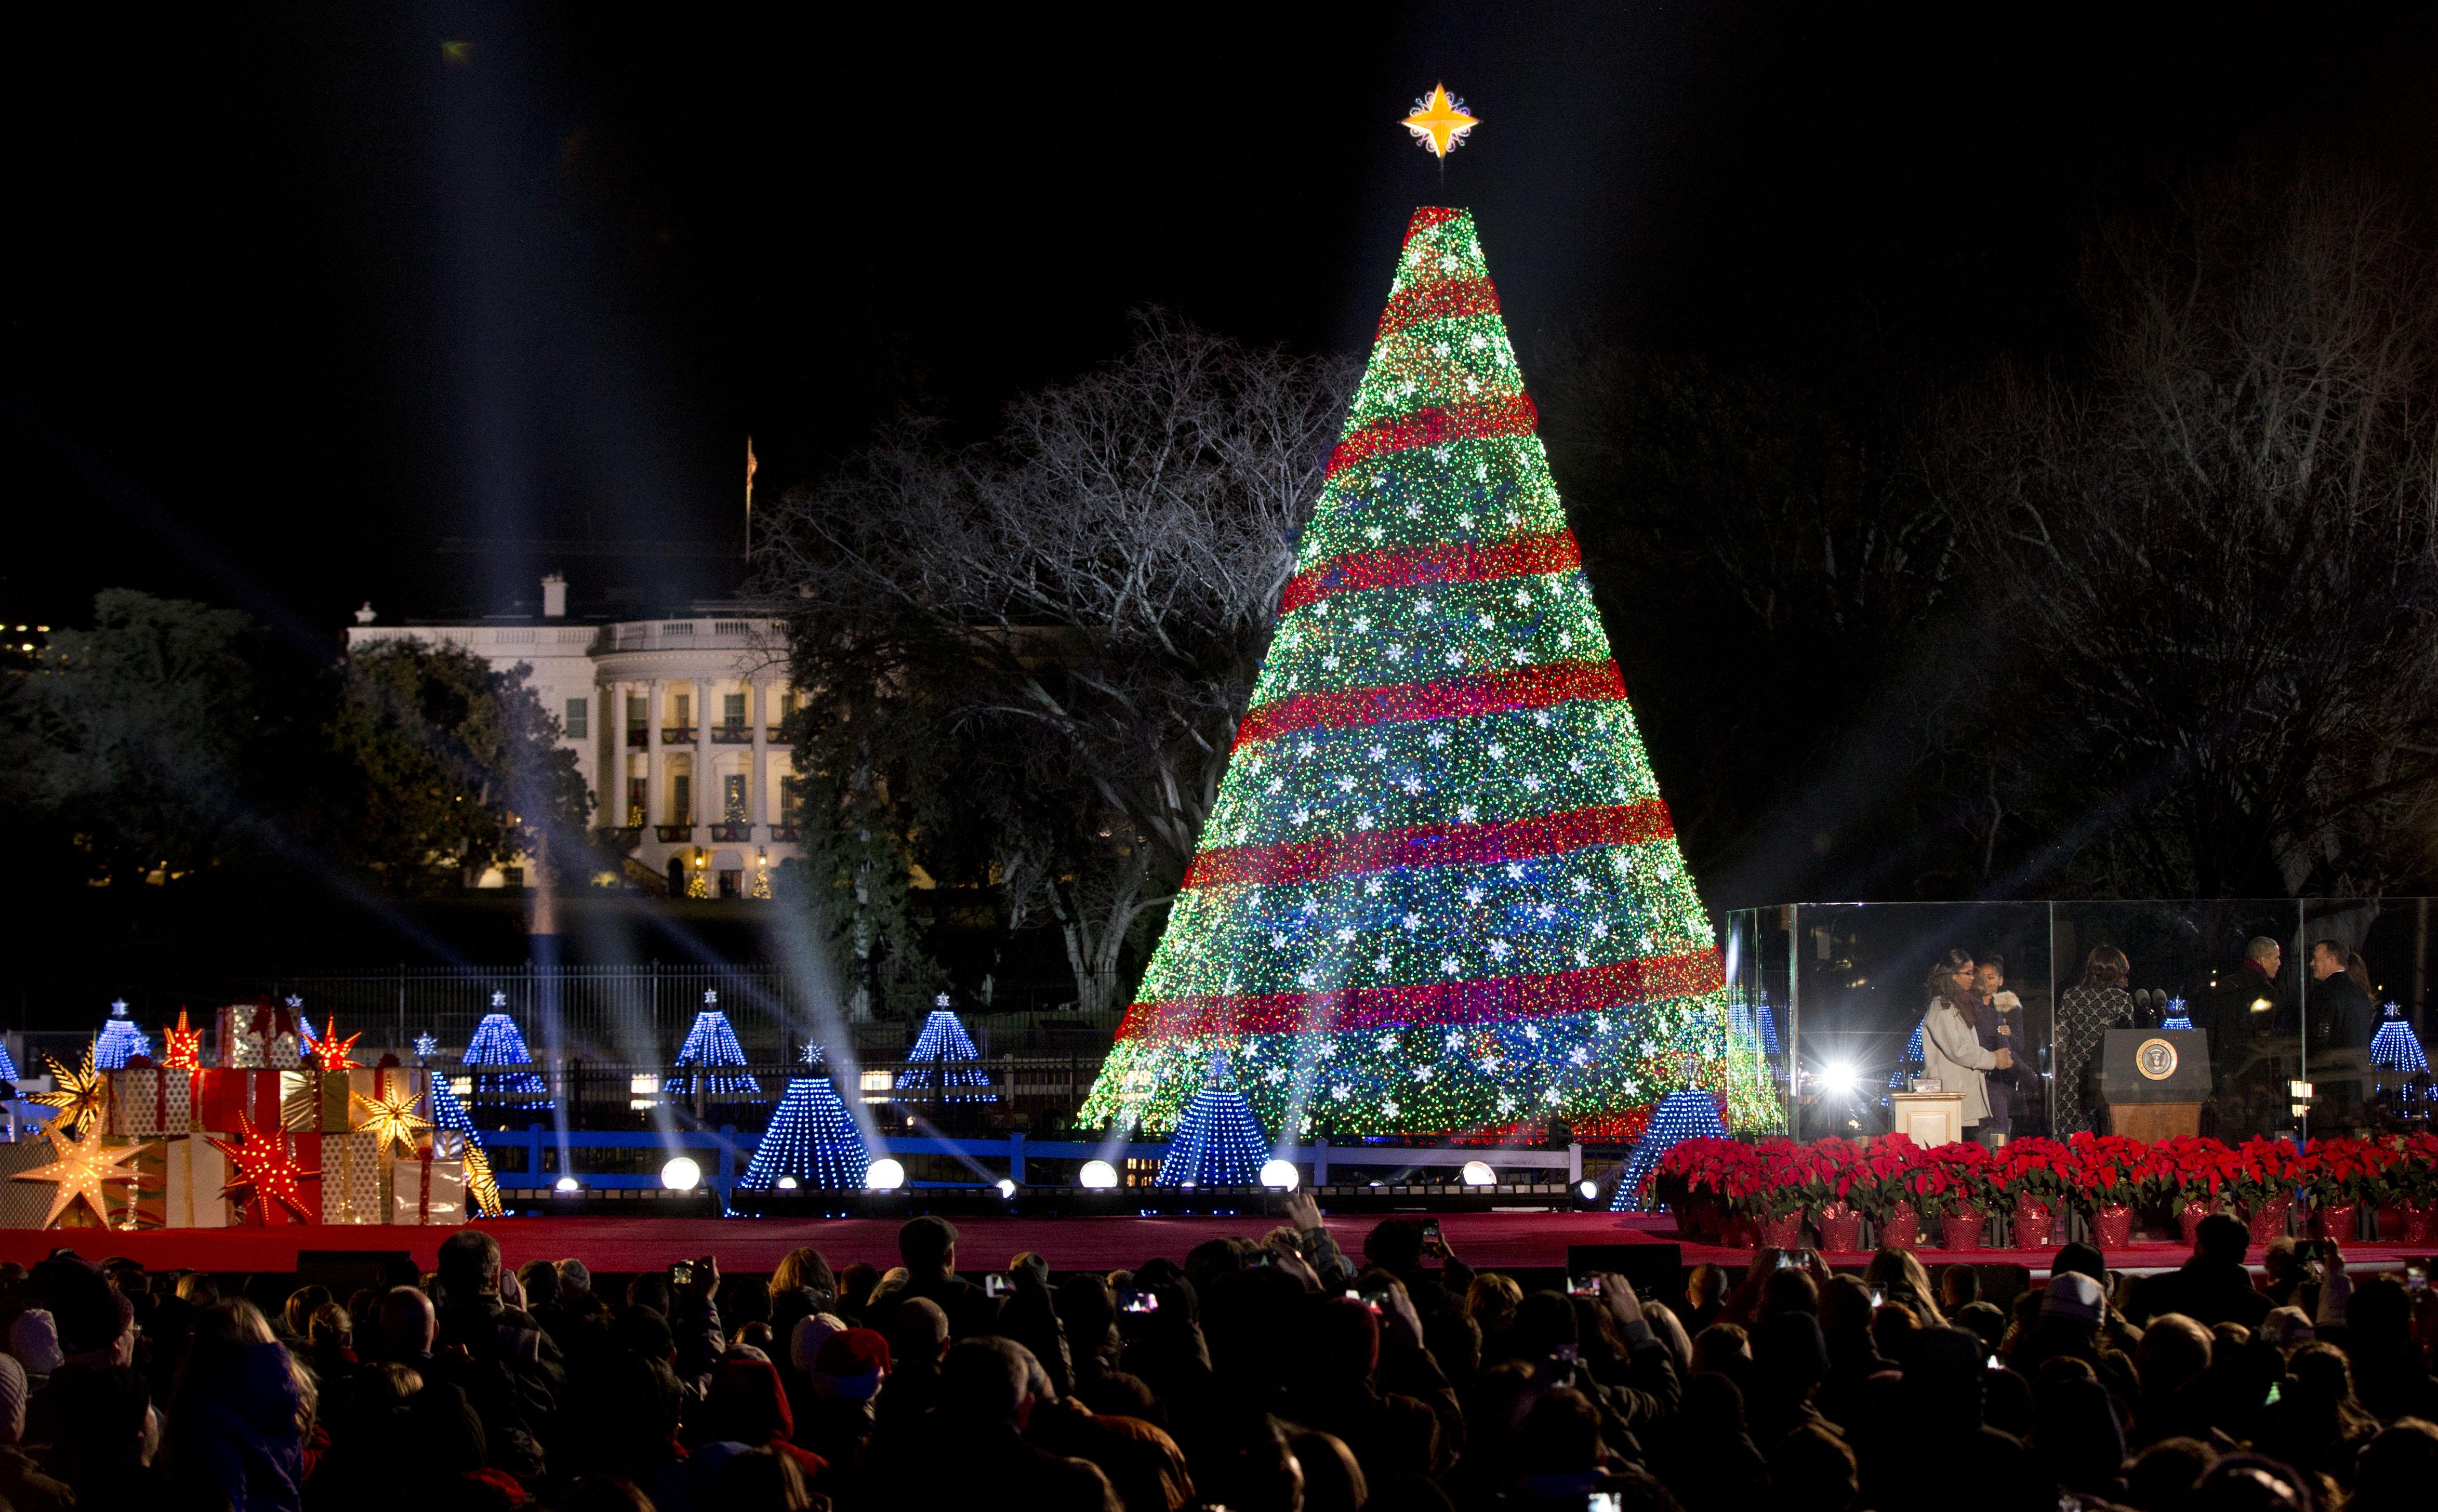 CHARLES HURT: Racism taints Christmas season - Washington Times